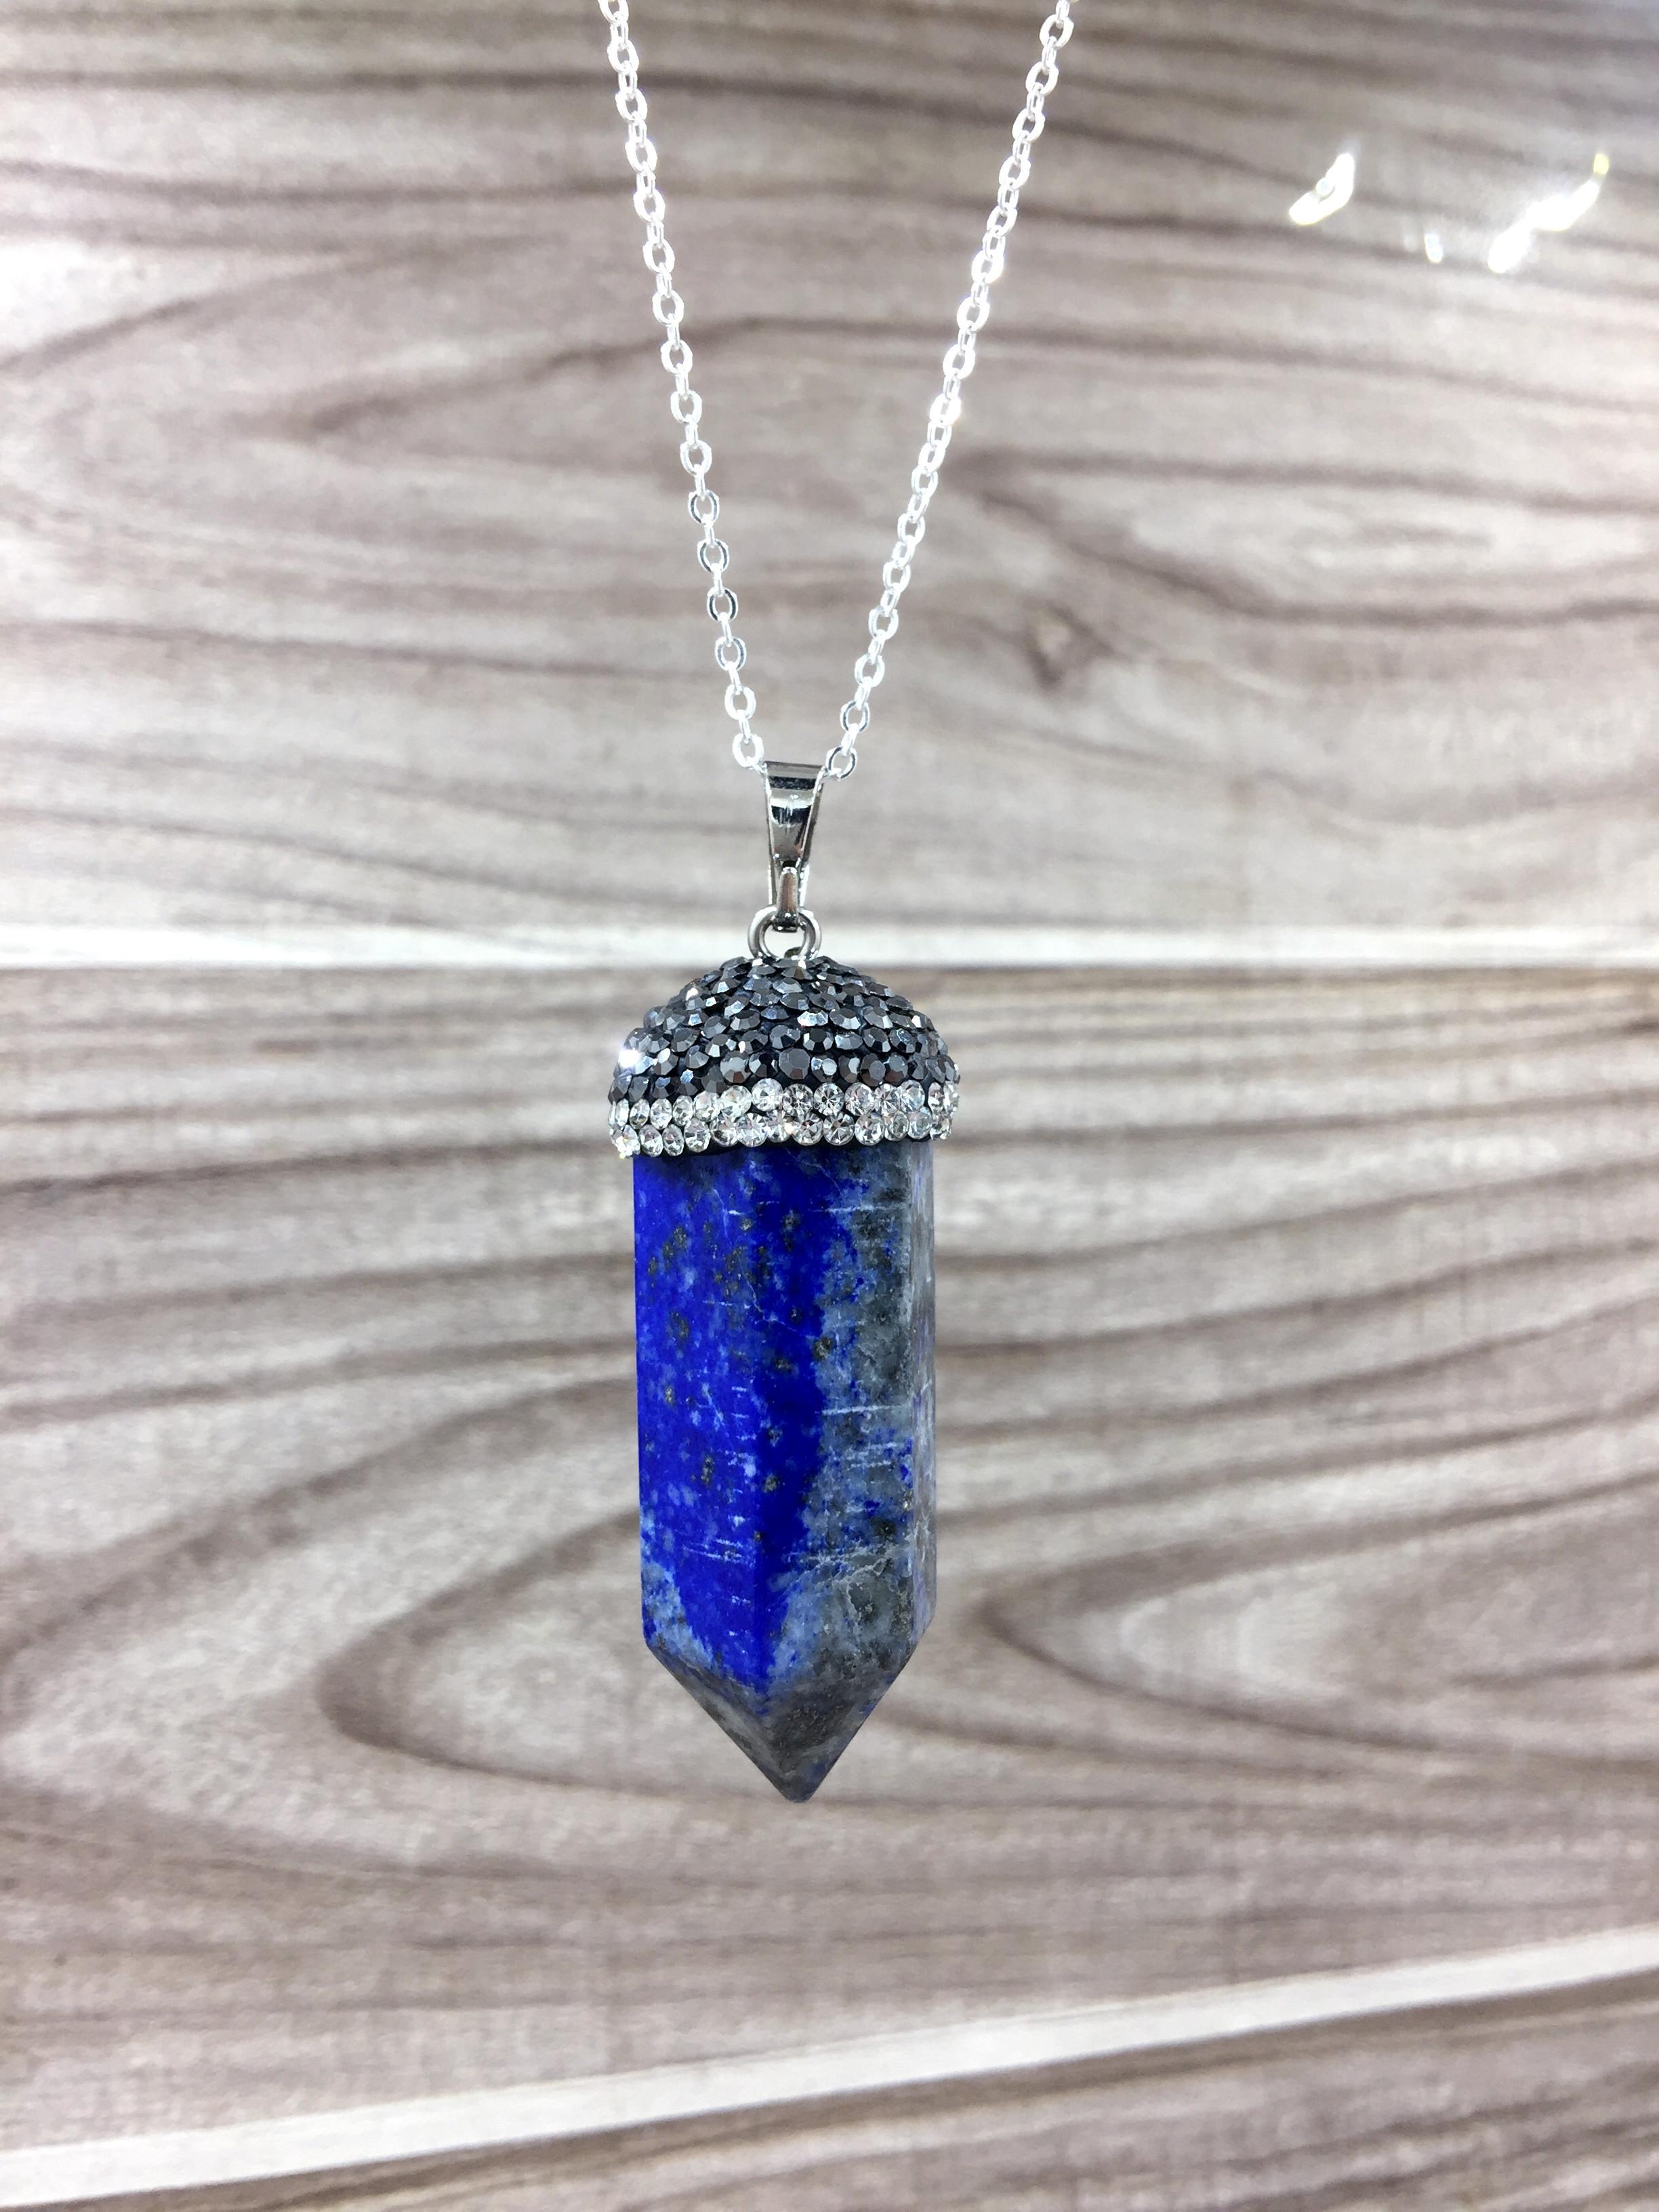 Gran pulido natural Lapislázuli punto collar colgante, cristal lapislázuli piedra colgante de piedras preciosas colgante collar cadena de plata